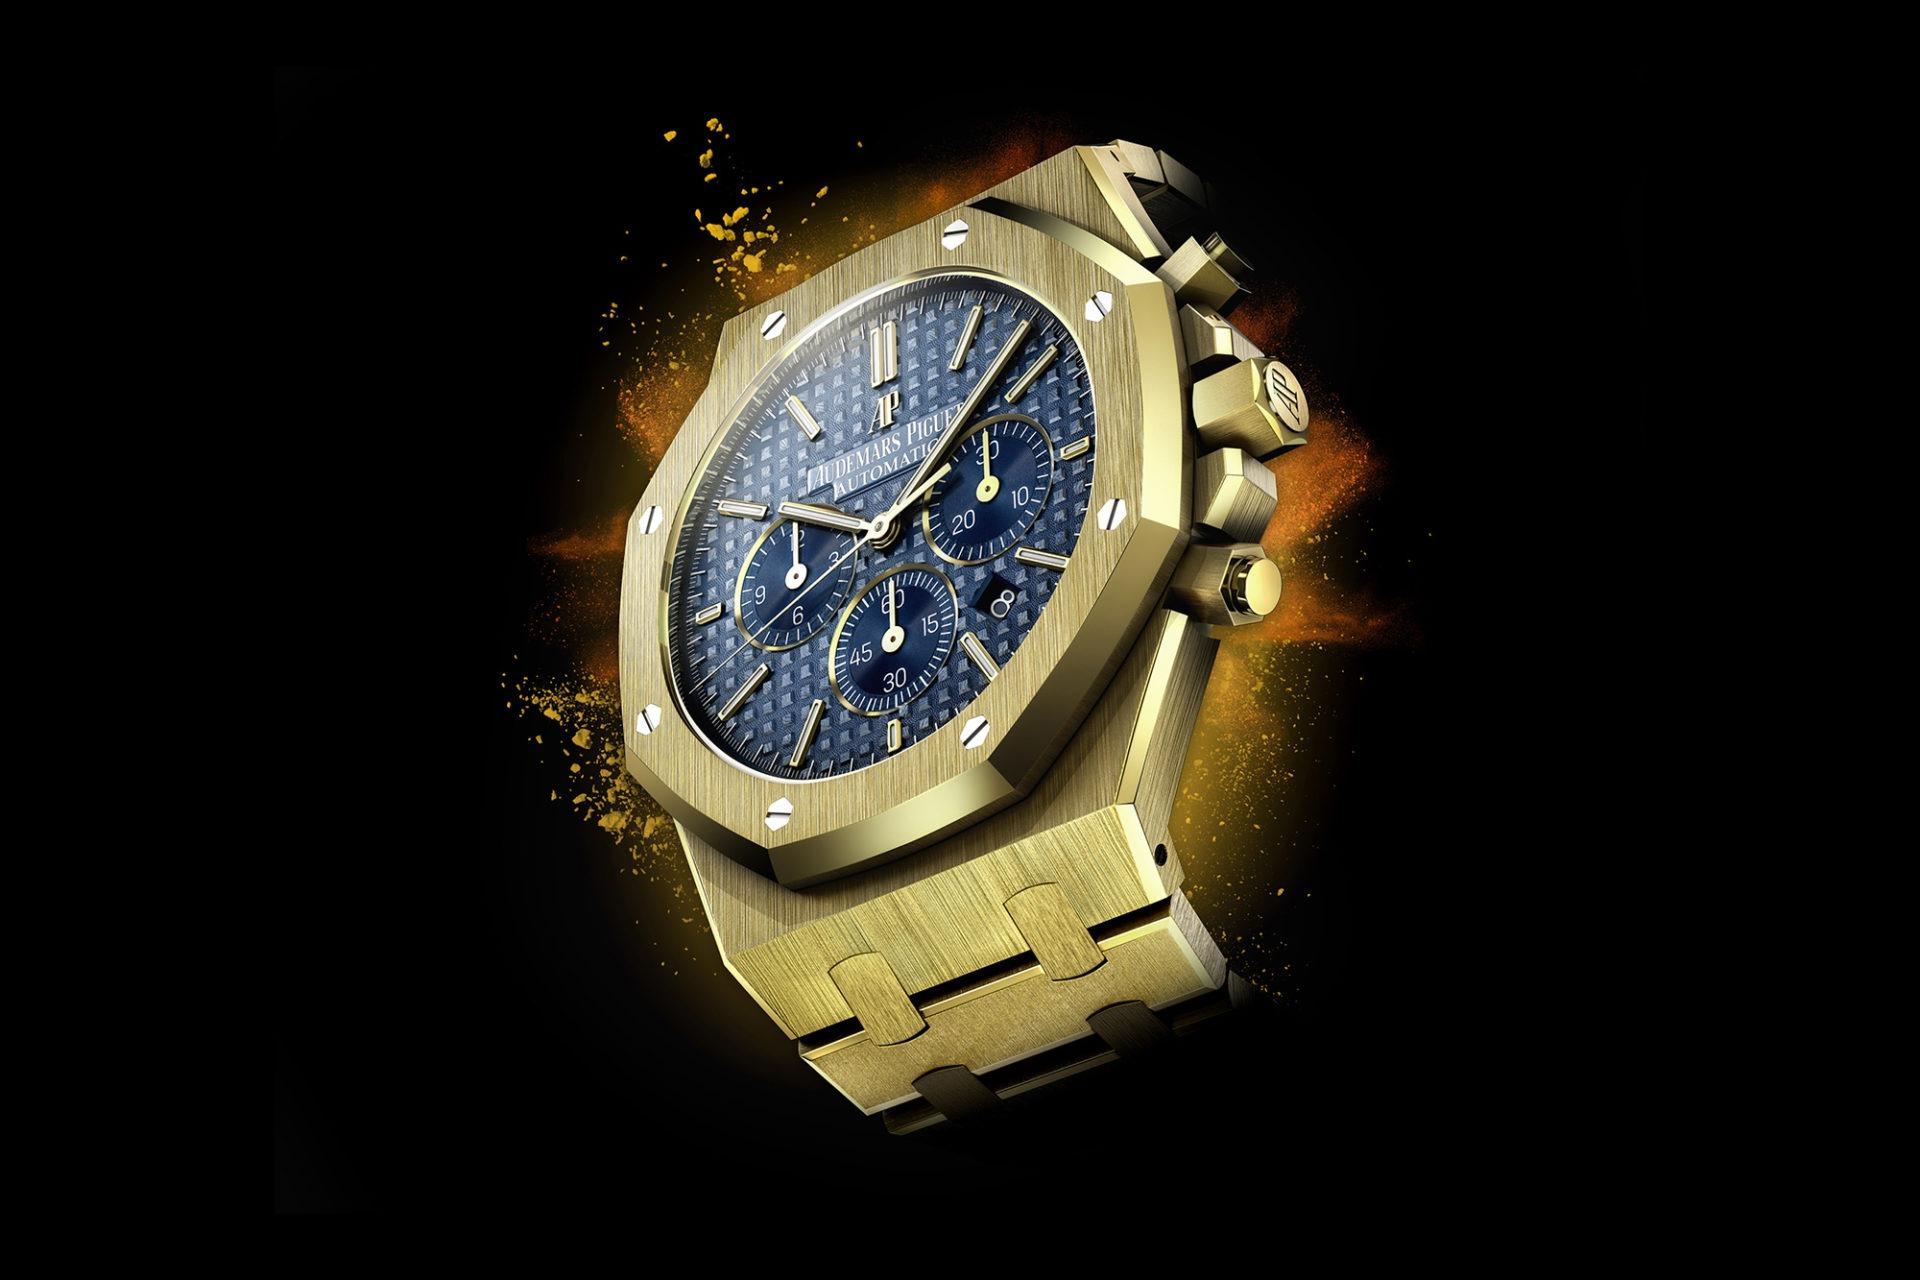 Florian Benedetto - L'horloger 3D - Audemars Piguet Royal Oak chronograph